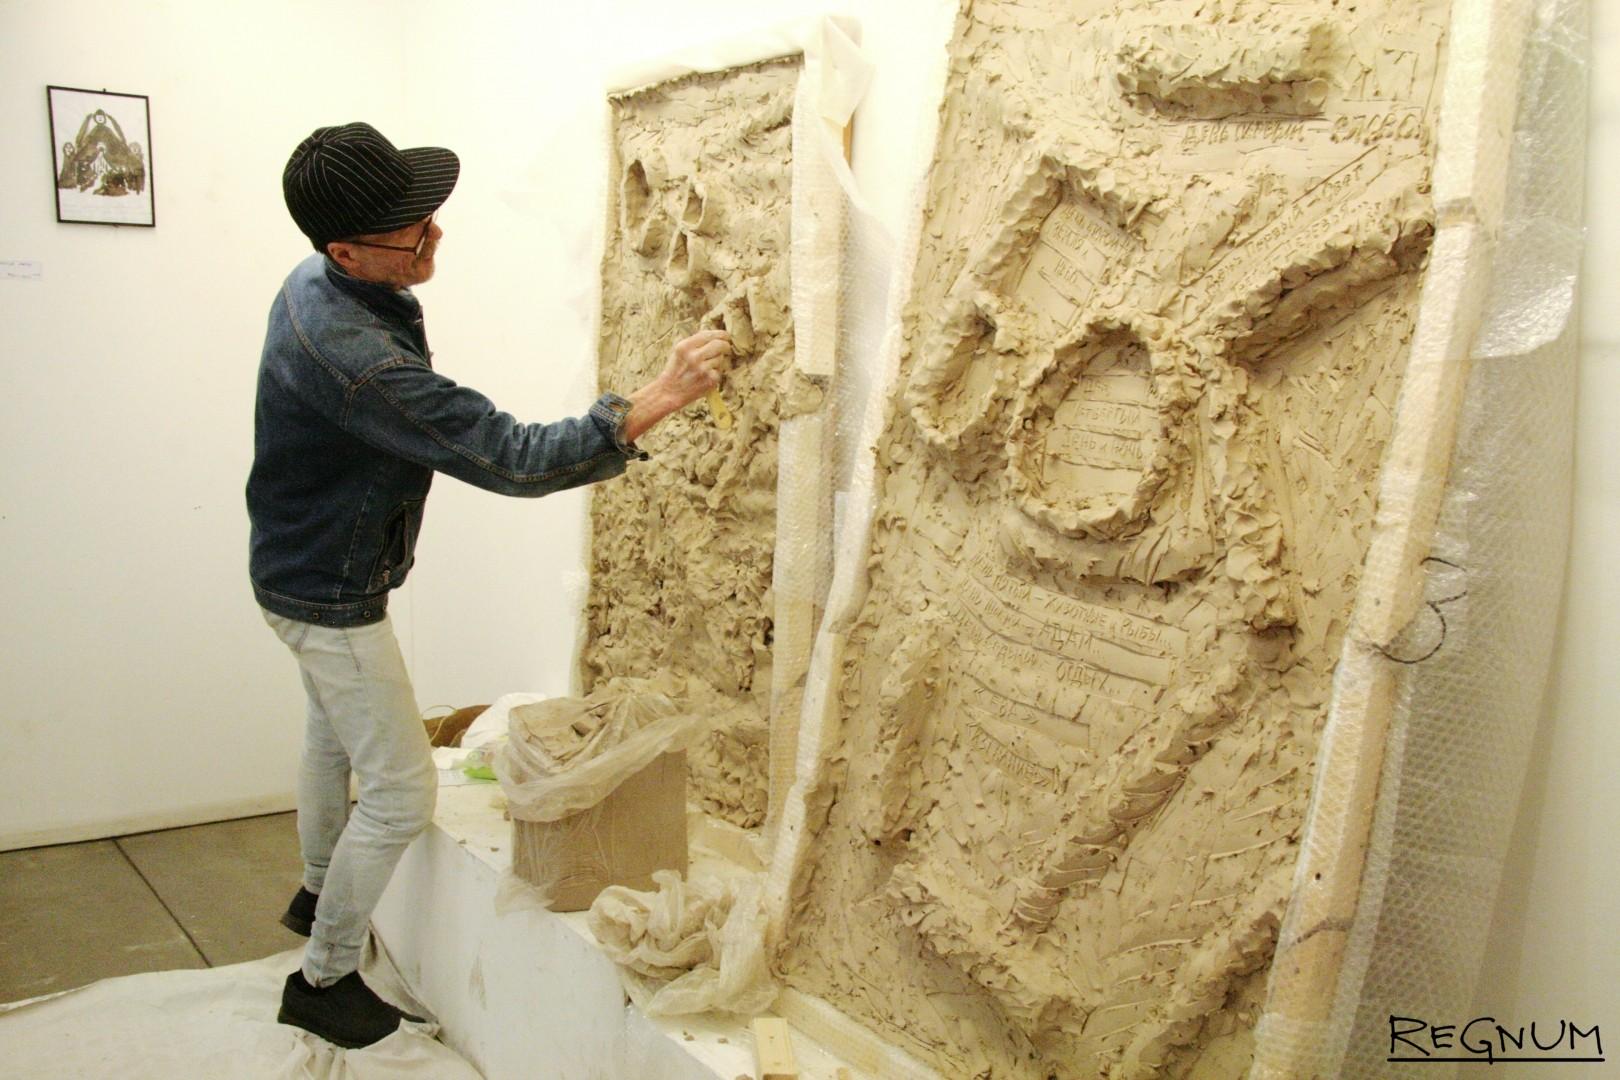 Мастер-класс «Свет» на выставке «Ветхий и Новый»